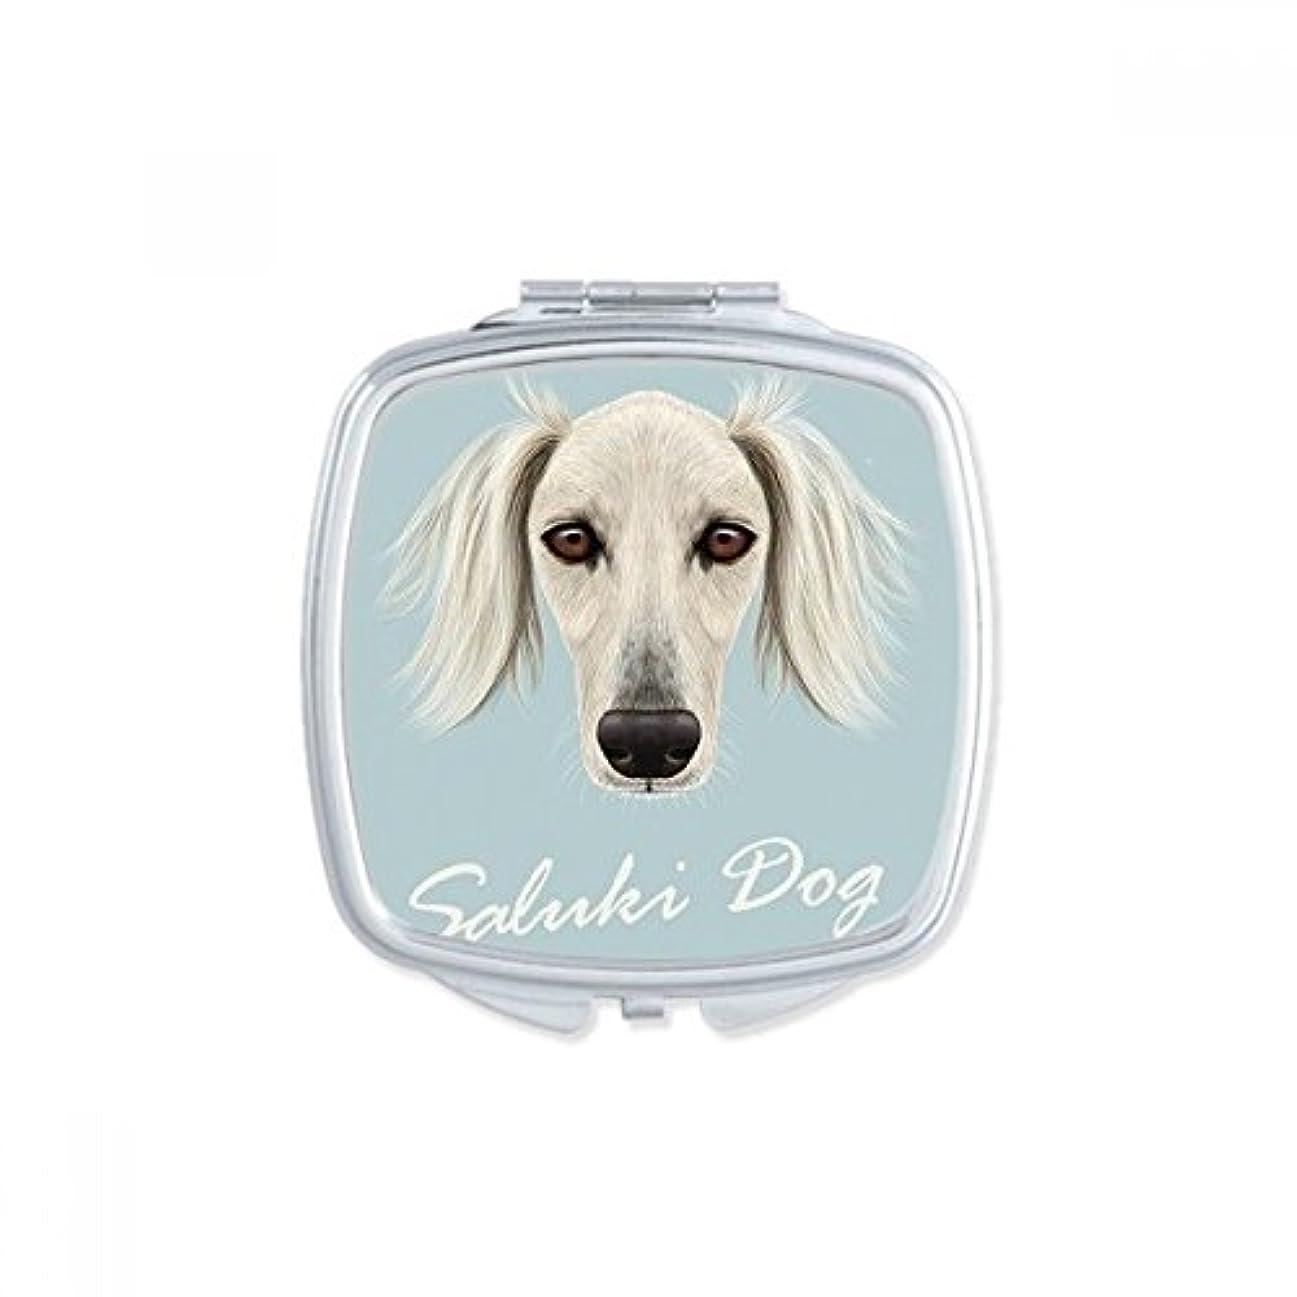 ラッシュ出来事一時的長い顔の白いサルーキ犬ペット?動物 スクエアコンパクトメークアップポケットミラー携帯用の小さなかわいいハンドミラープレゼント